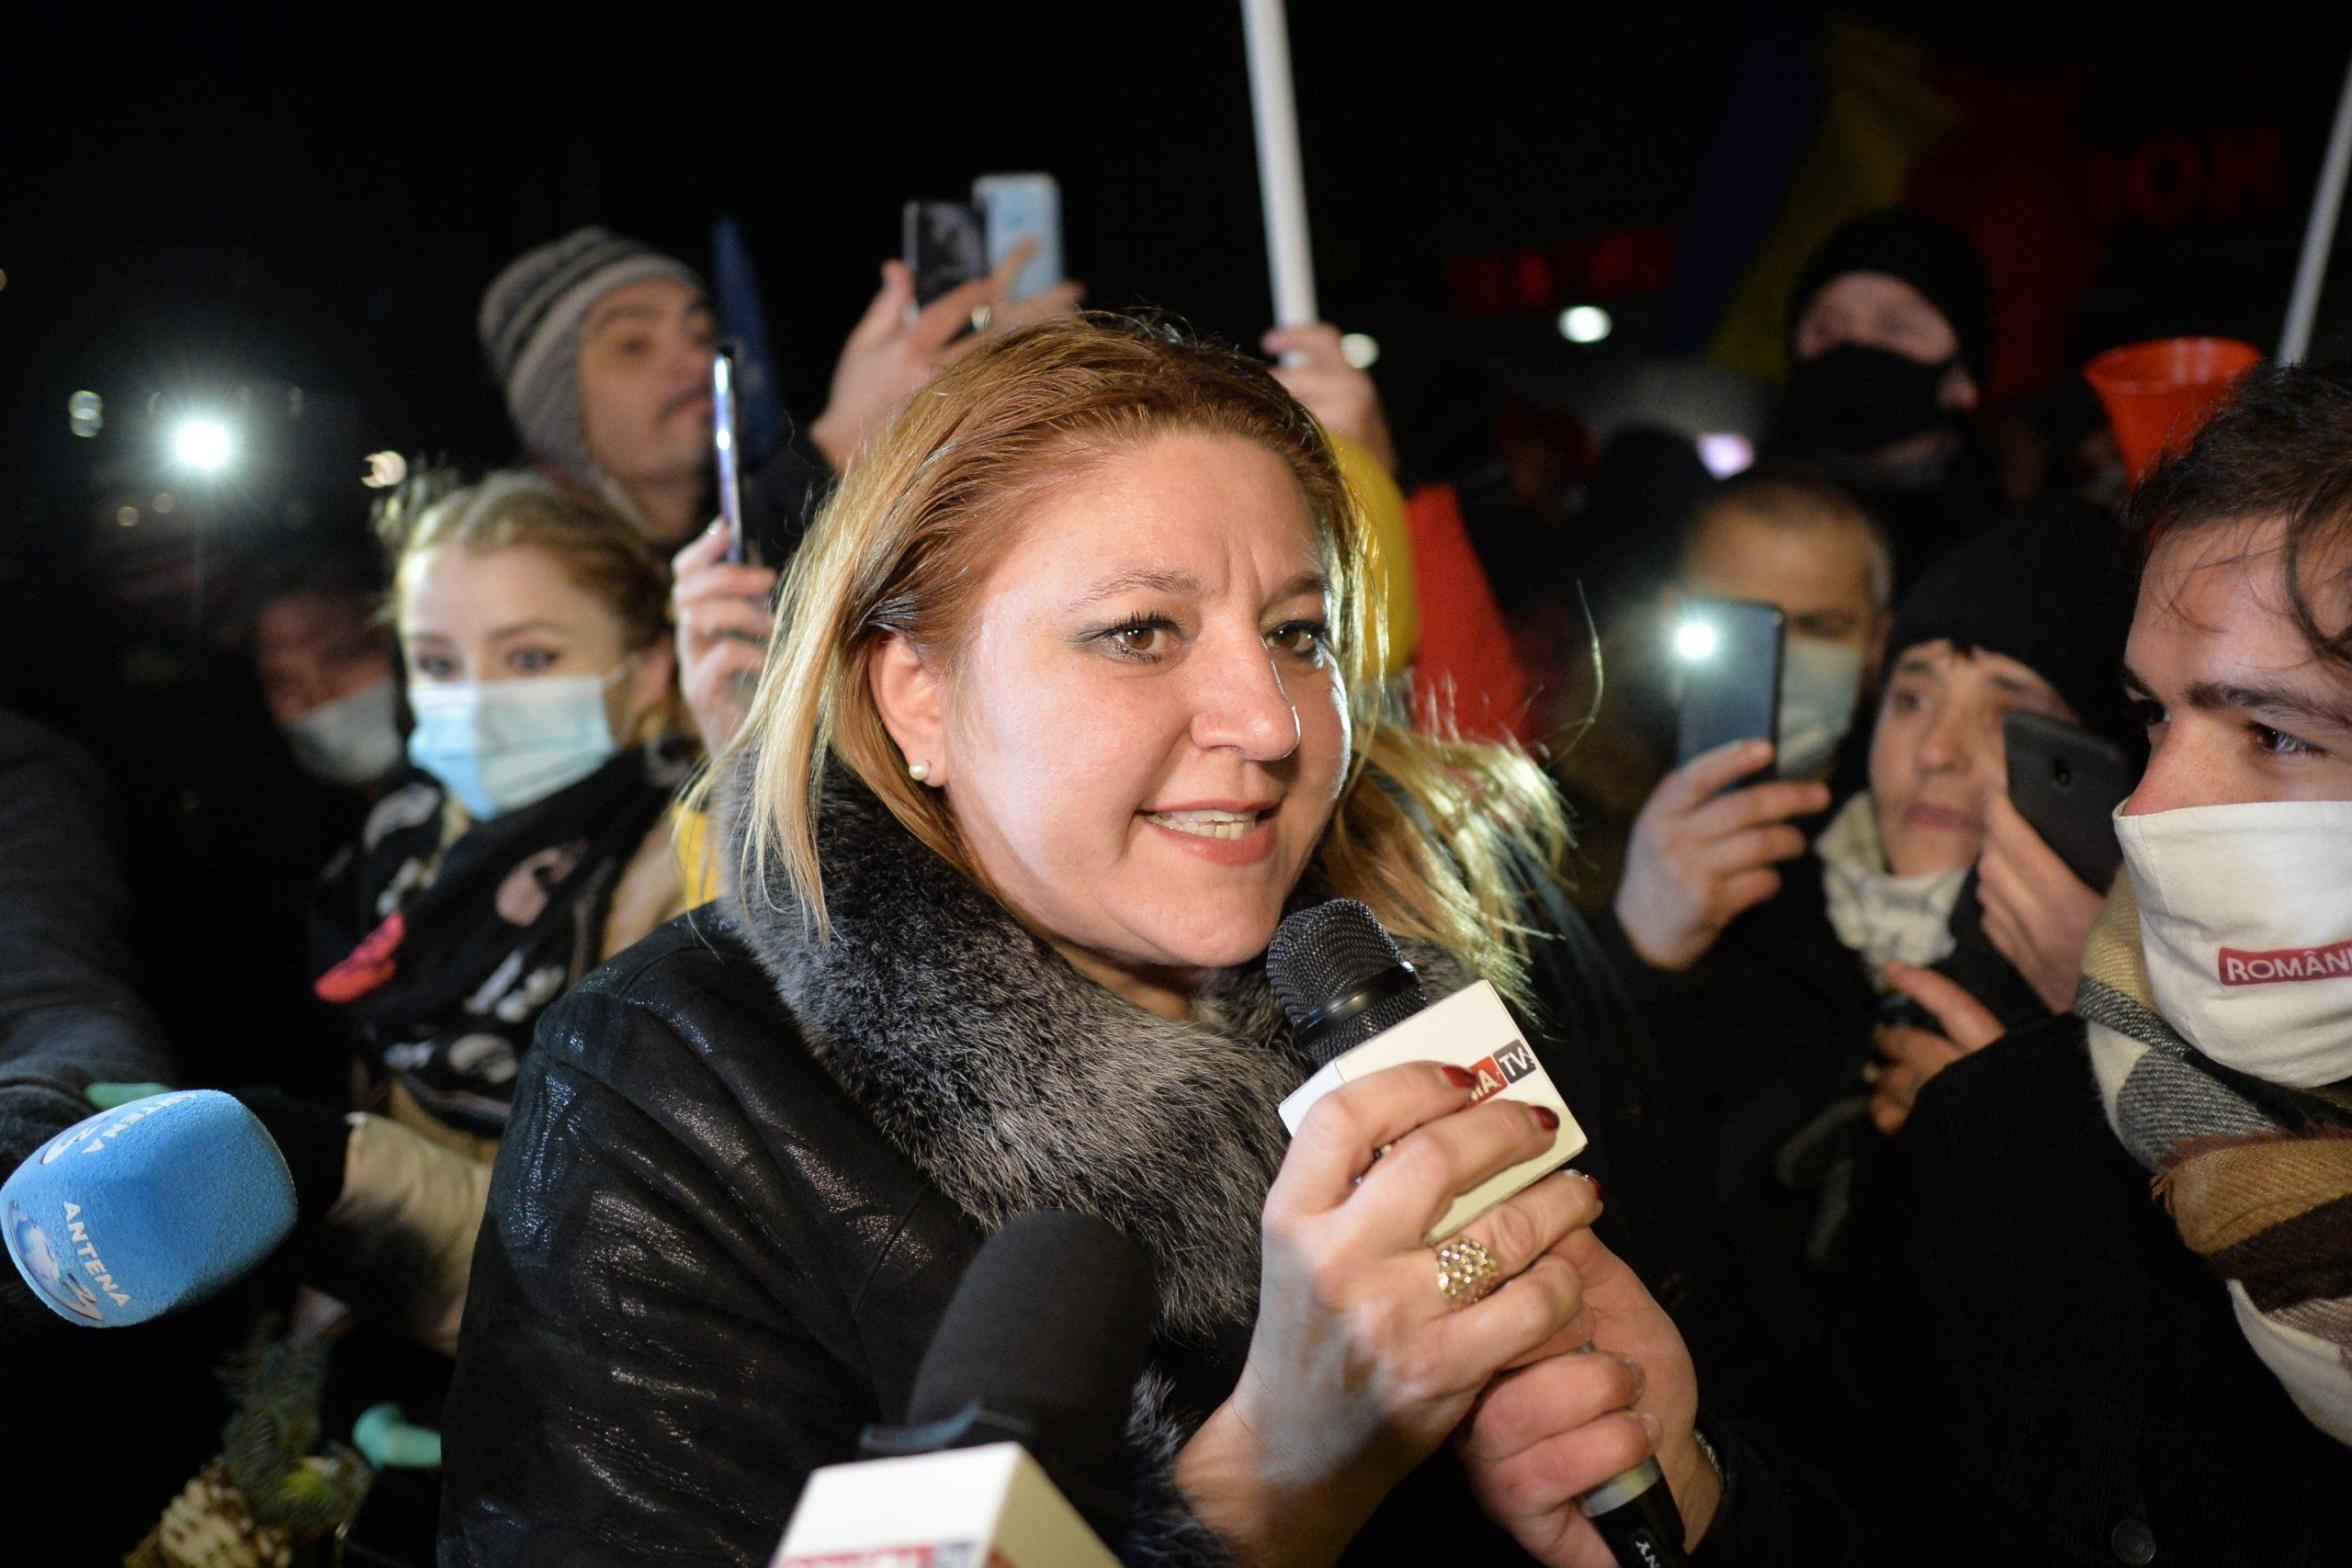 """Diana Șoșoacă are contul de Facebook blocat pentru jigniri: """"Doar eu și Trump mai suntem blocați pentru atitudinile noastre"""""""